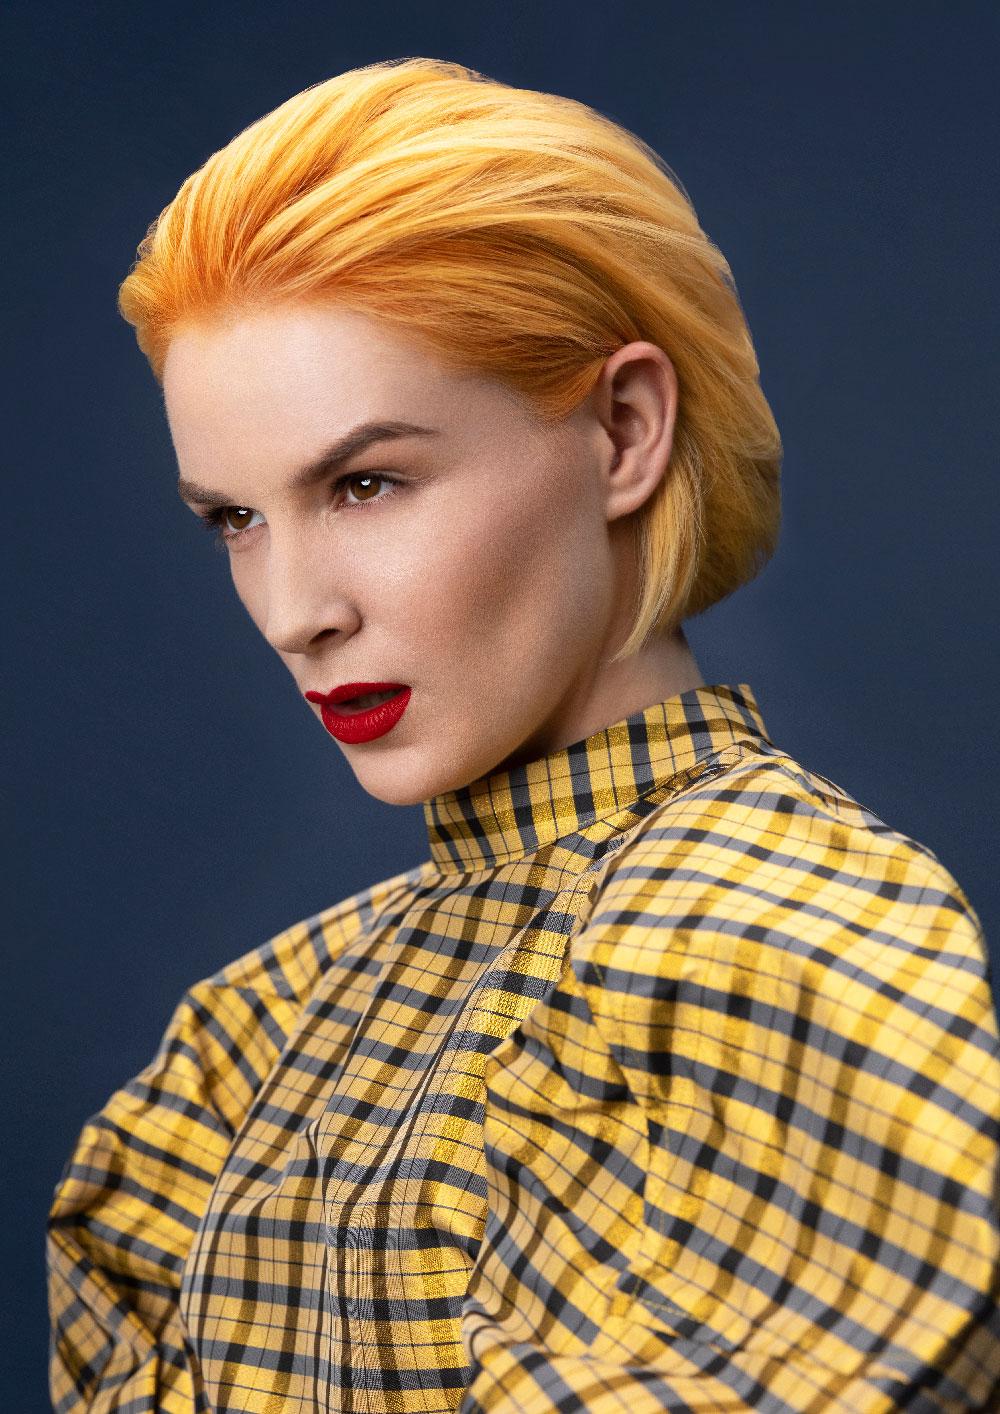 Maria advanced pro salon colorcode